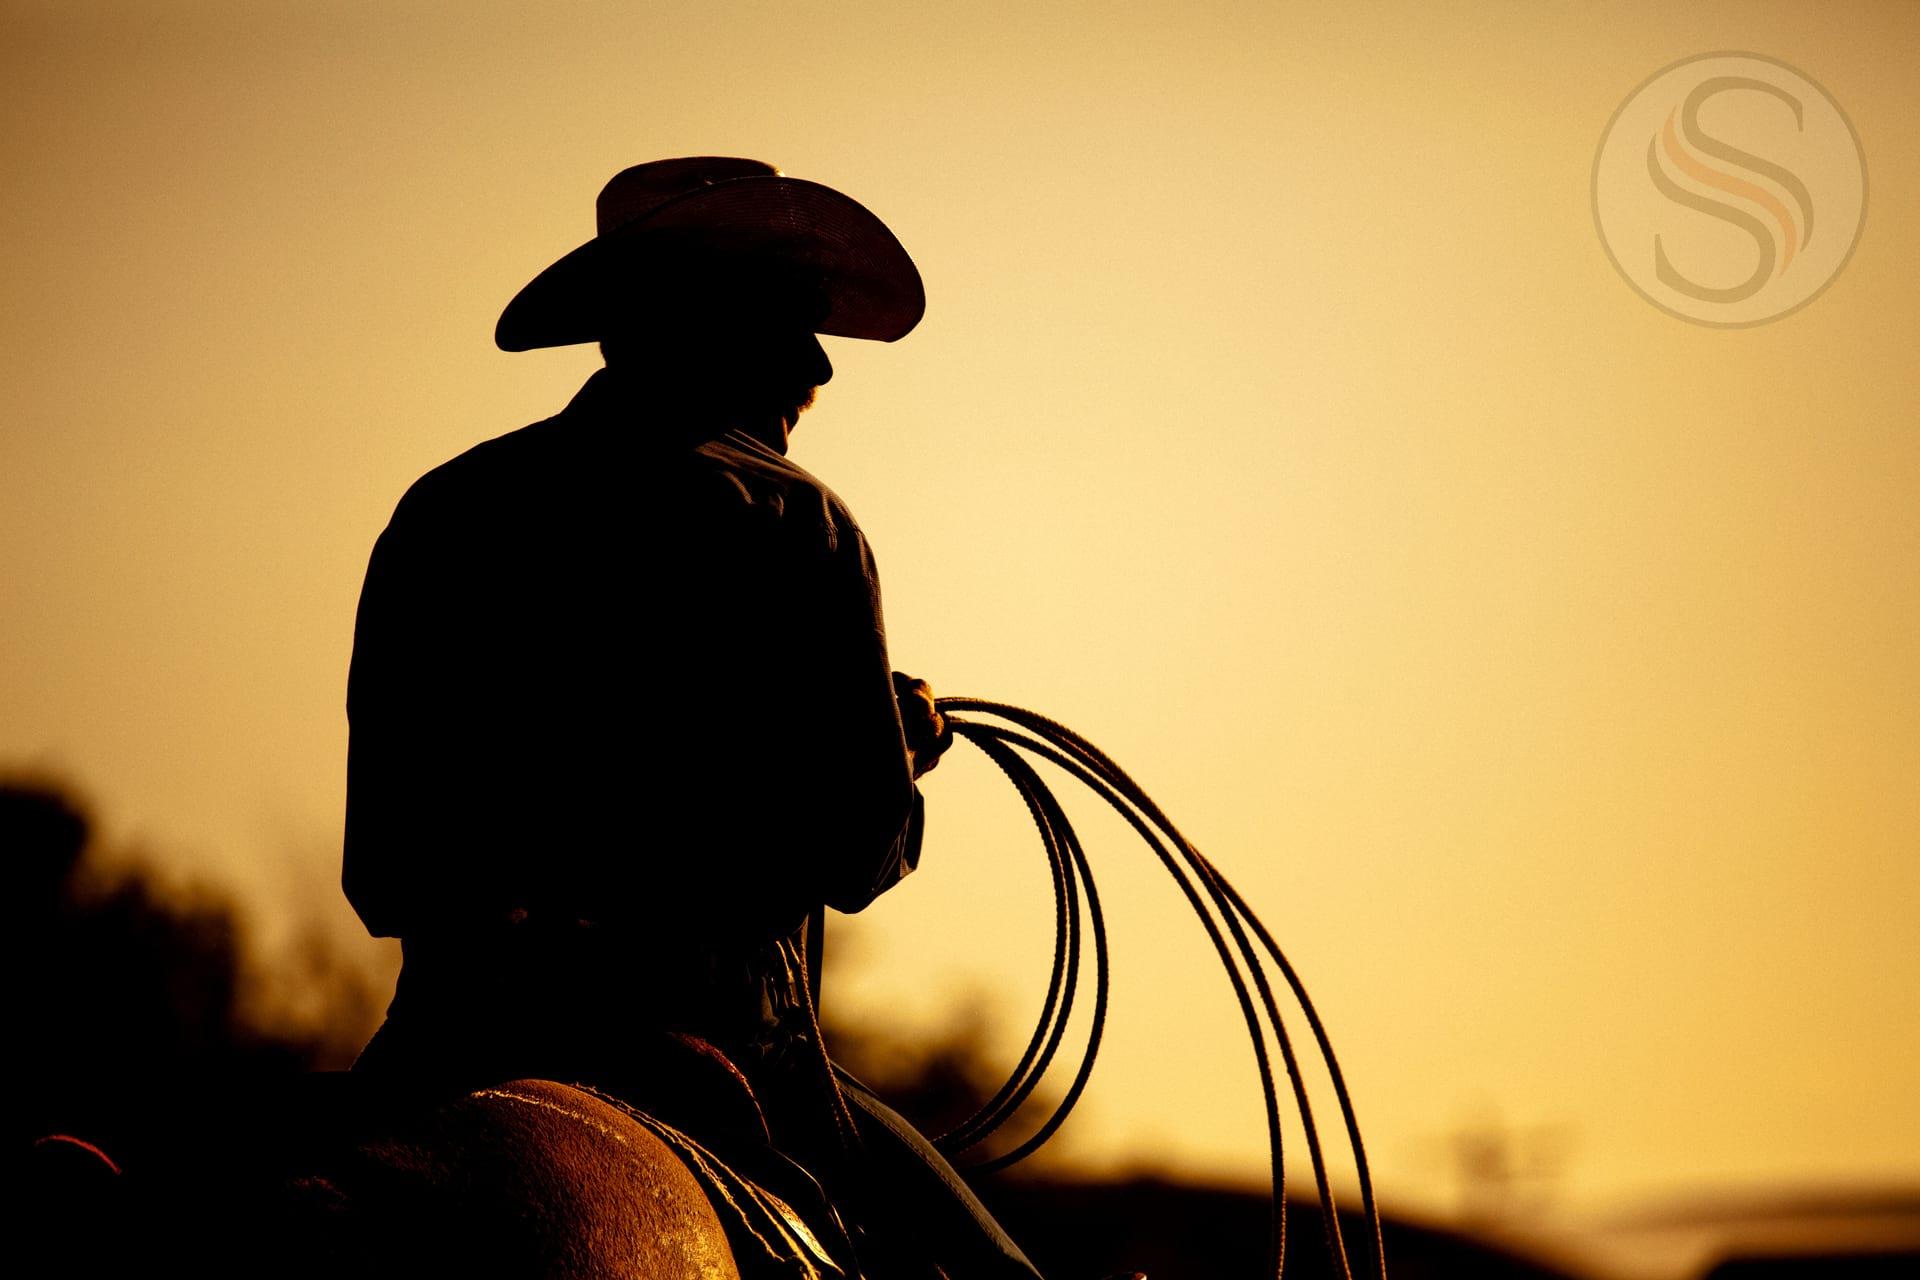 Cowboy Take Me Away, but don't take my money!